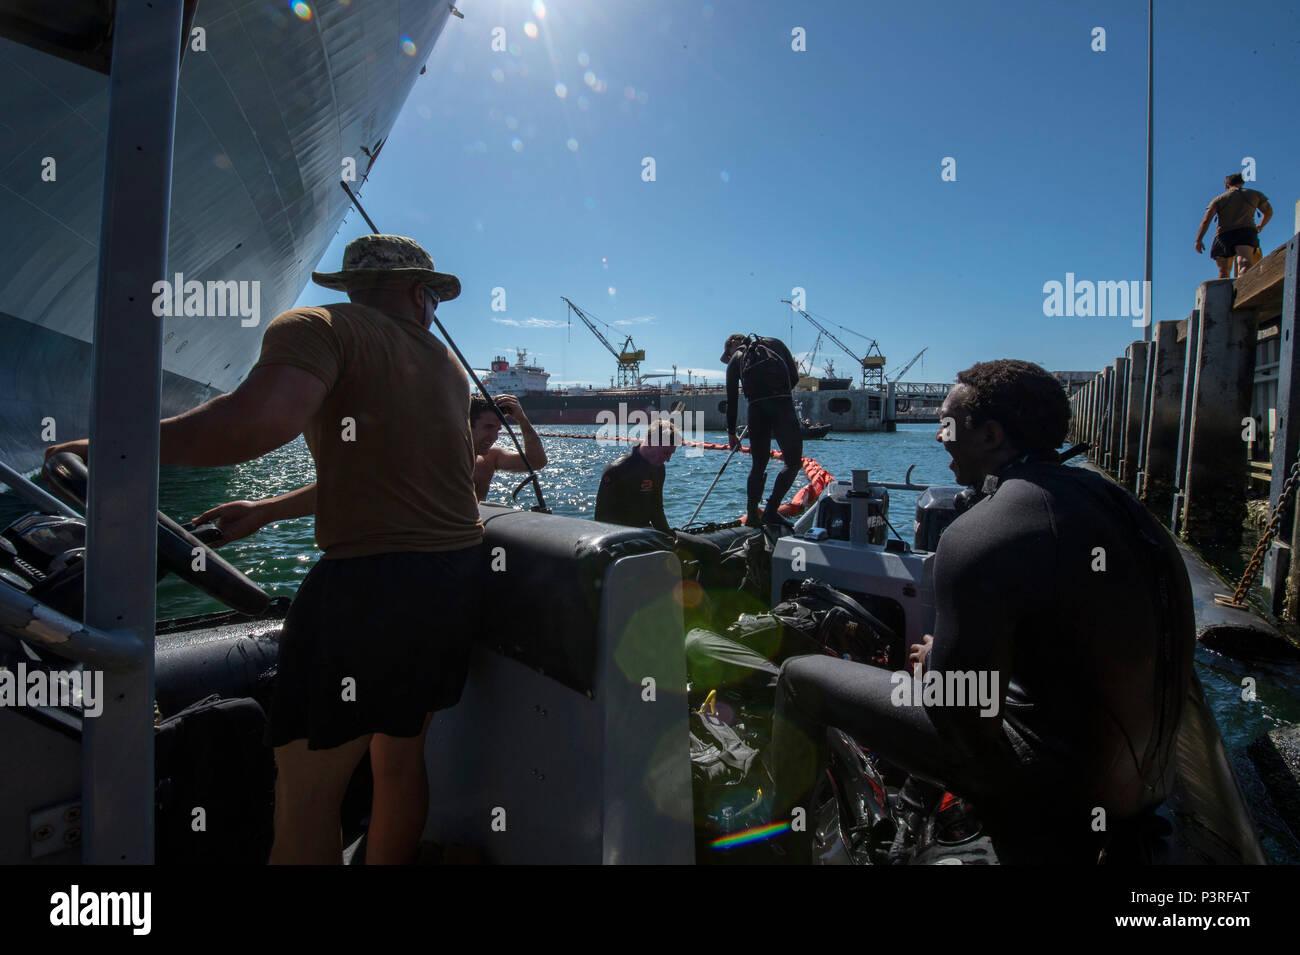 160720-N-DJ750-135 SAN DIEGO (20 juillet 2016)-- la surface de combat naval et Centre de développement de la mine, commandant de l'Unité Opérationnelle 177.2.1 les techniciens des explosifs et munitions simulées pour effectuer une recherche sur les explosifs de la commande de transport maritime militaire grand, moyen débit roll on/roll off ship USNS Bob Hope (T-AKR-300) au cours de la partie de la Californie du sud de Rim of the Pacific 2016. Vingt-six nations, plus de 40 navires et sous-marins, plus de 200 avions et 25 000 personnes participent à l'EXERCICE RIMPAC du 30 juin au 4 août, dans et autour des îles Hawaï et la Californie du Sud. L Banque D'Images